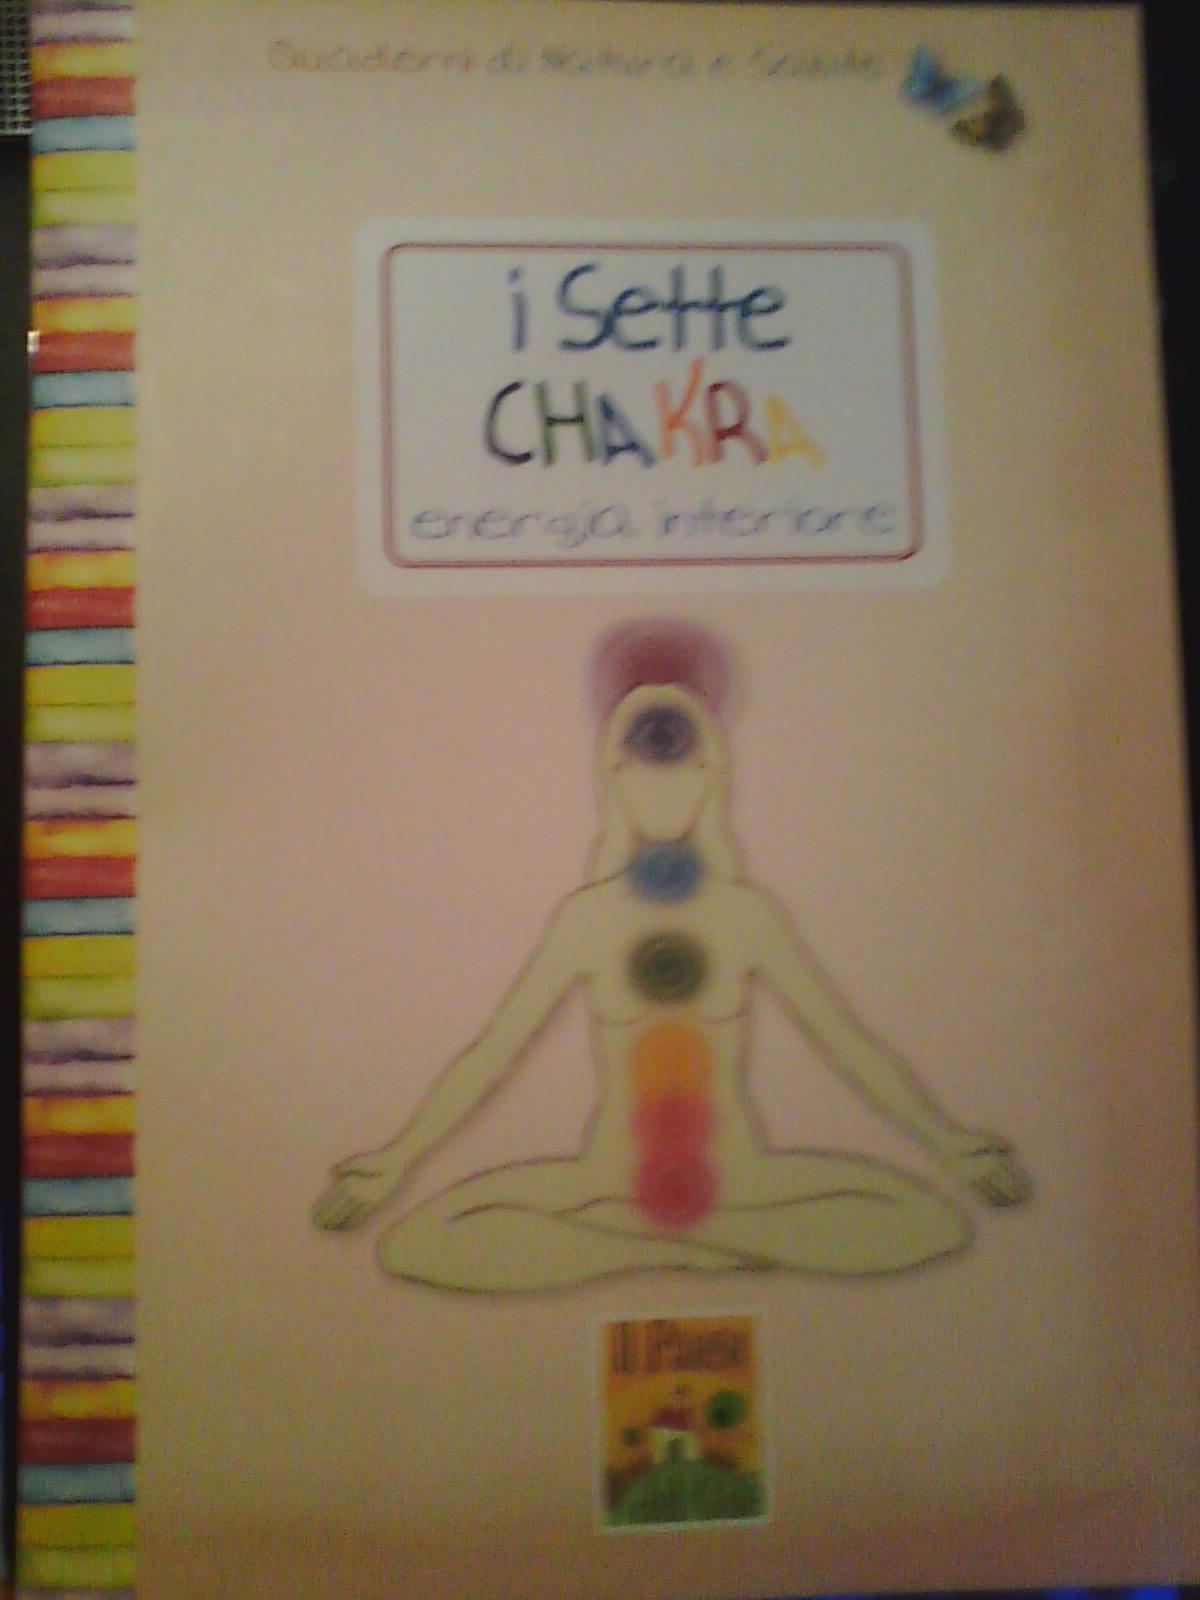 I sette chakra